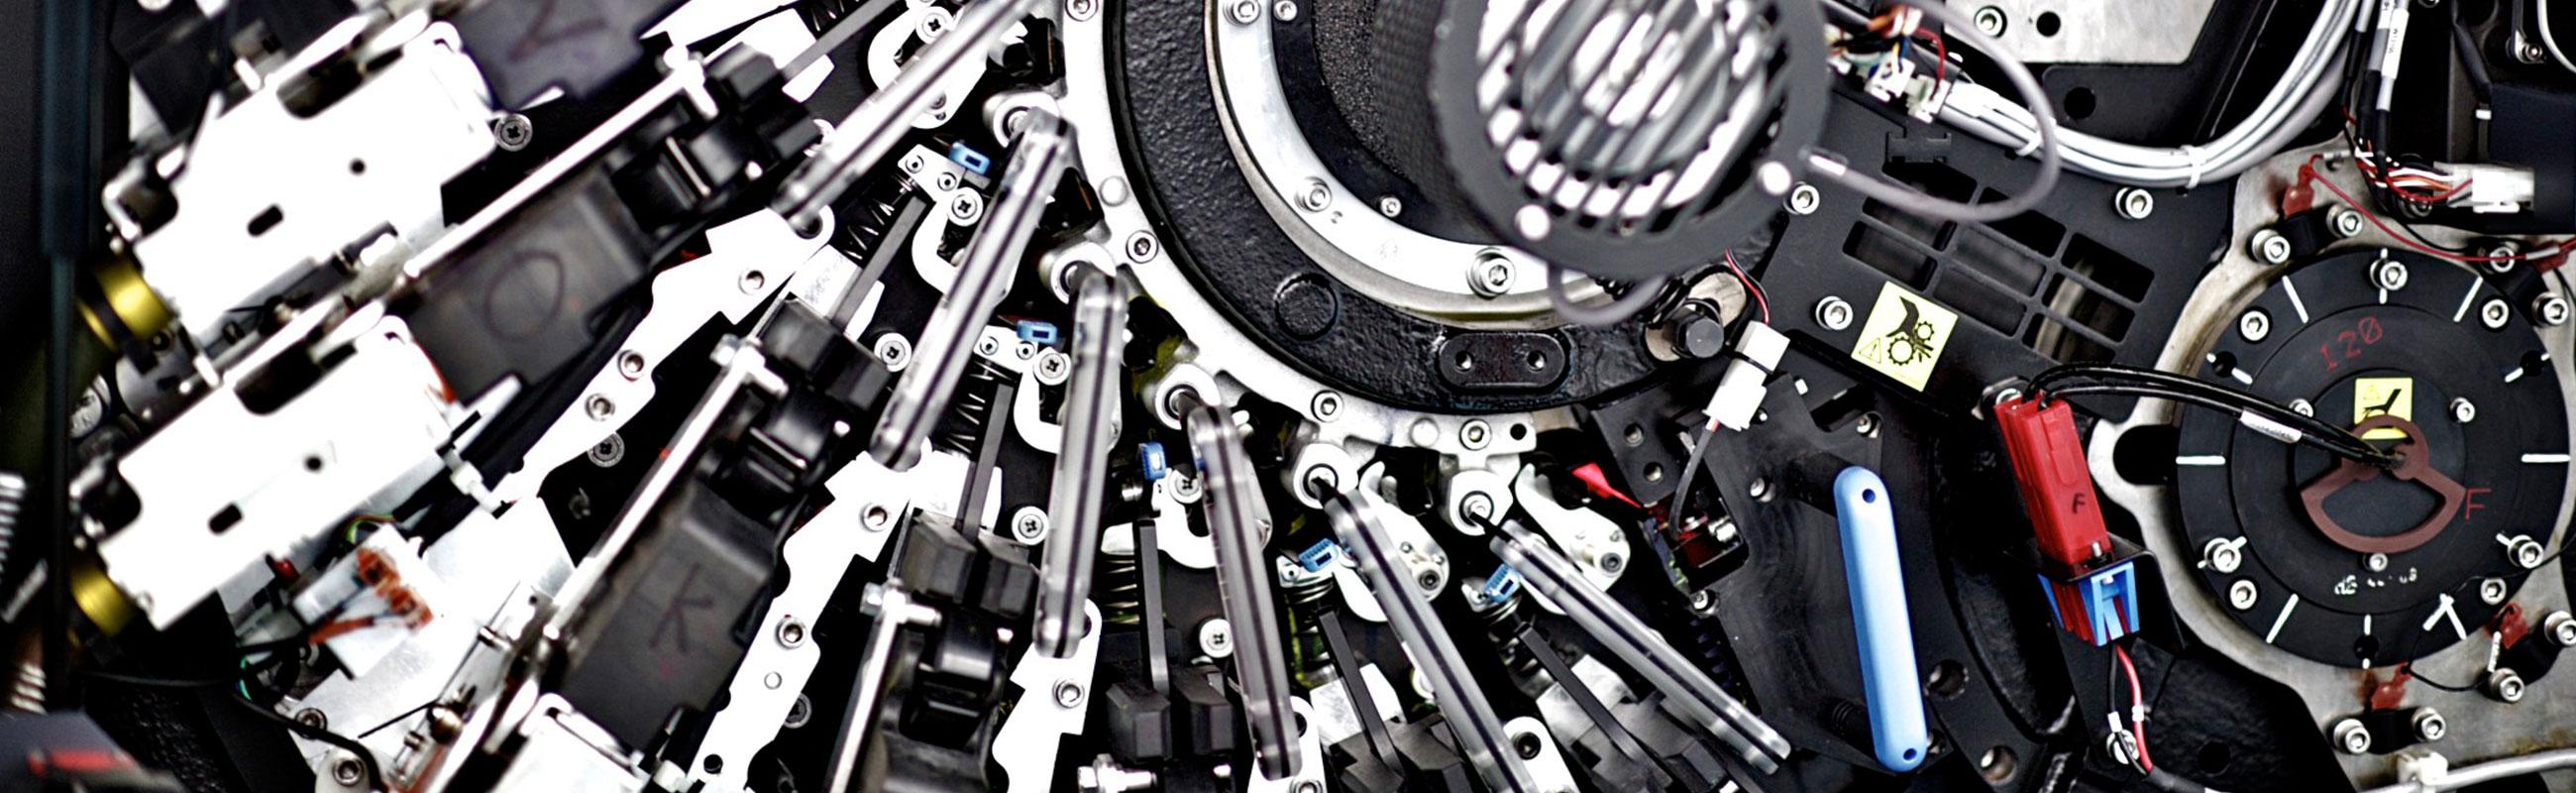 Hp digital label printing press